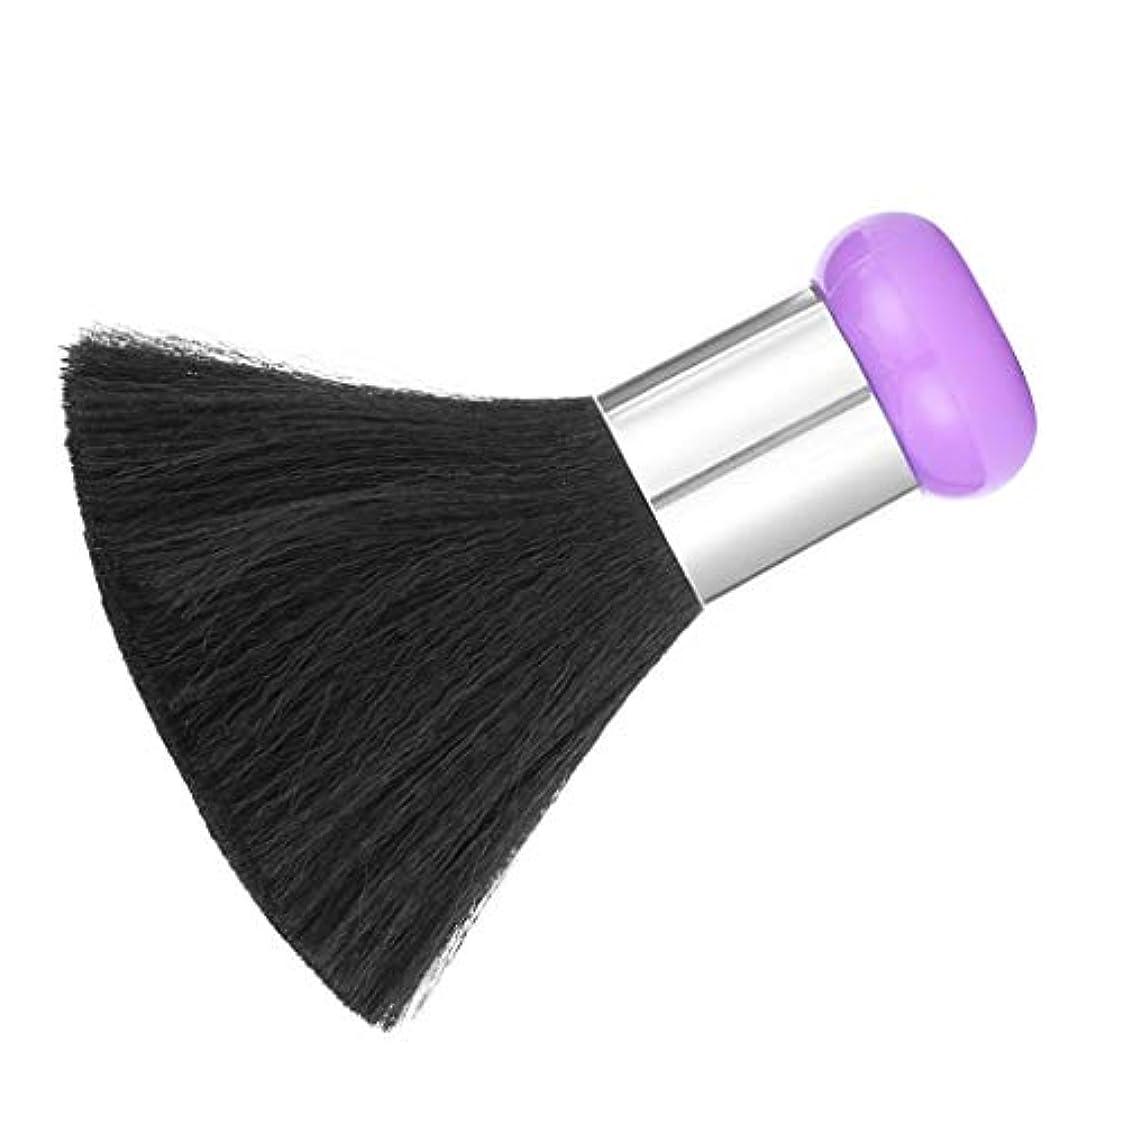 独占入浴ルーキーヘアカットヘアカットブラシネックダスタークリーニングヘアブラシサロンバーバーツール - 紫